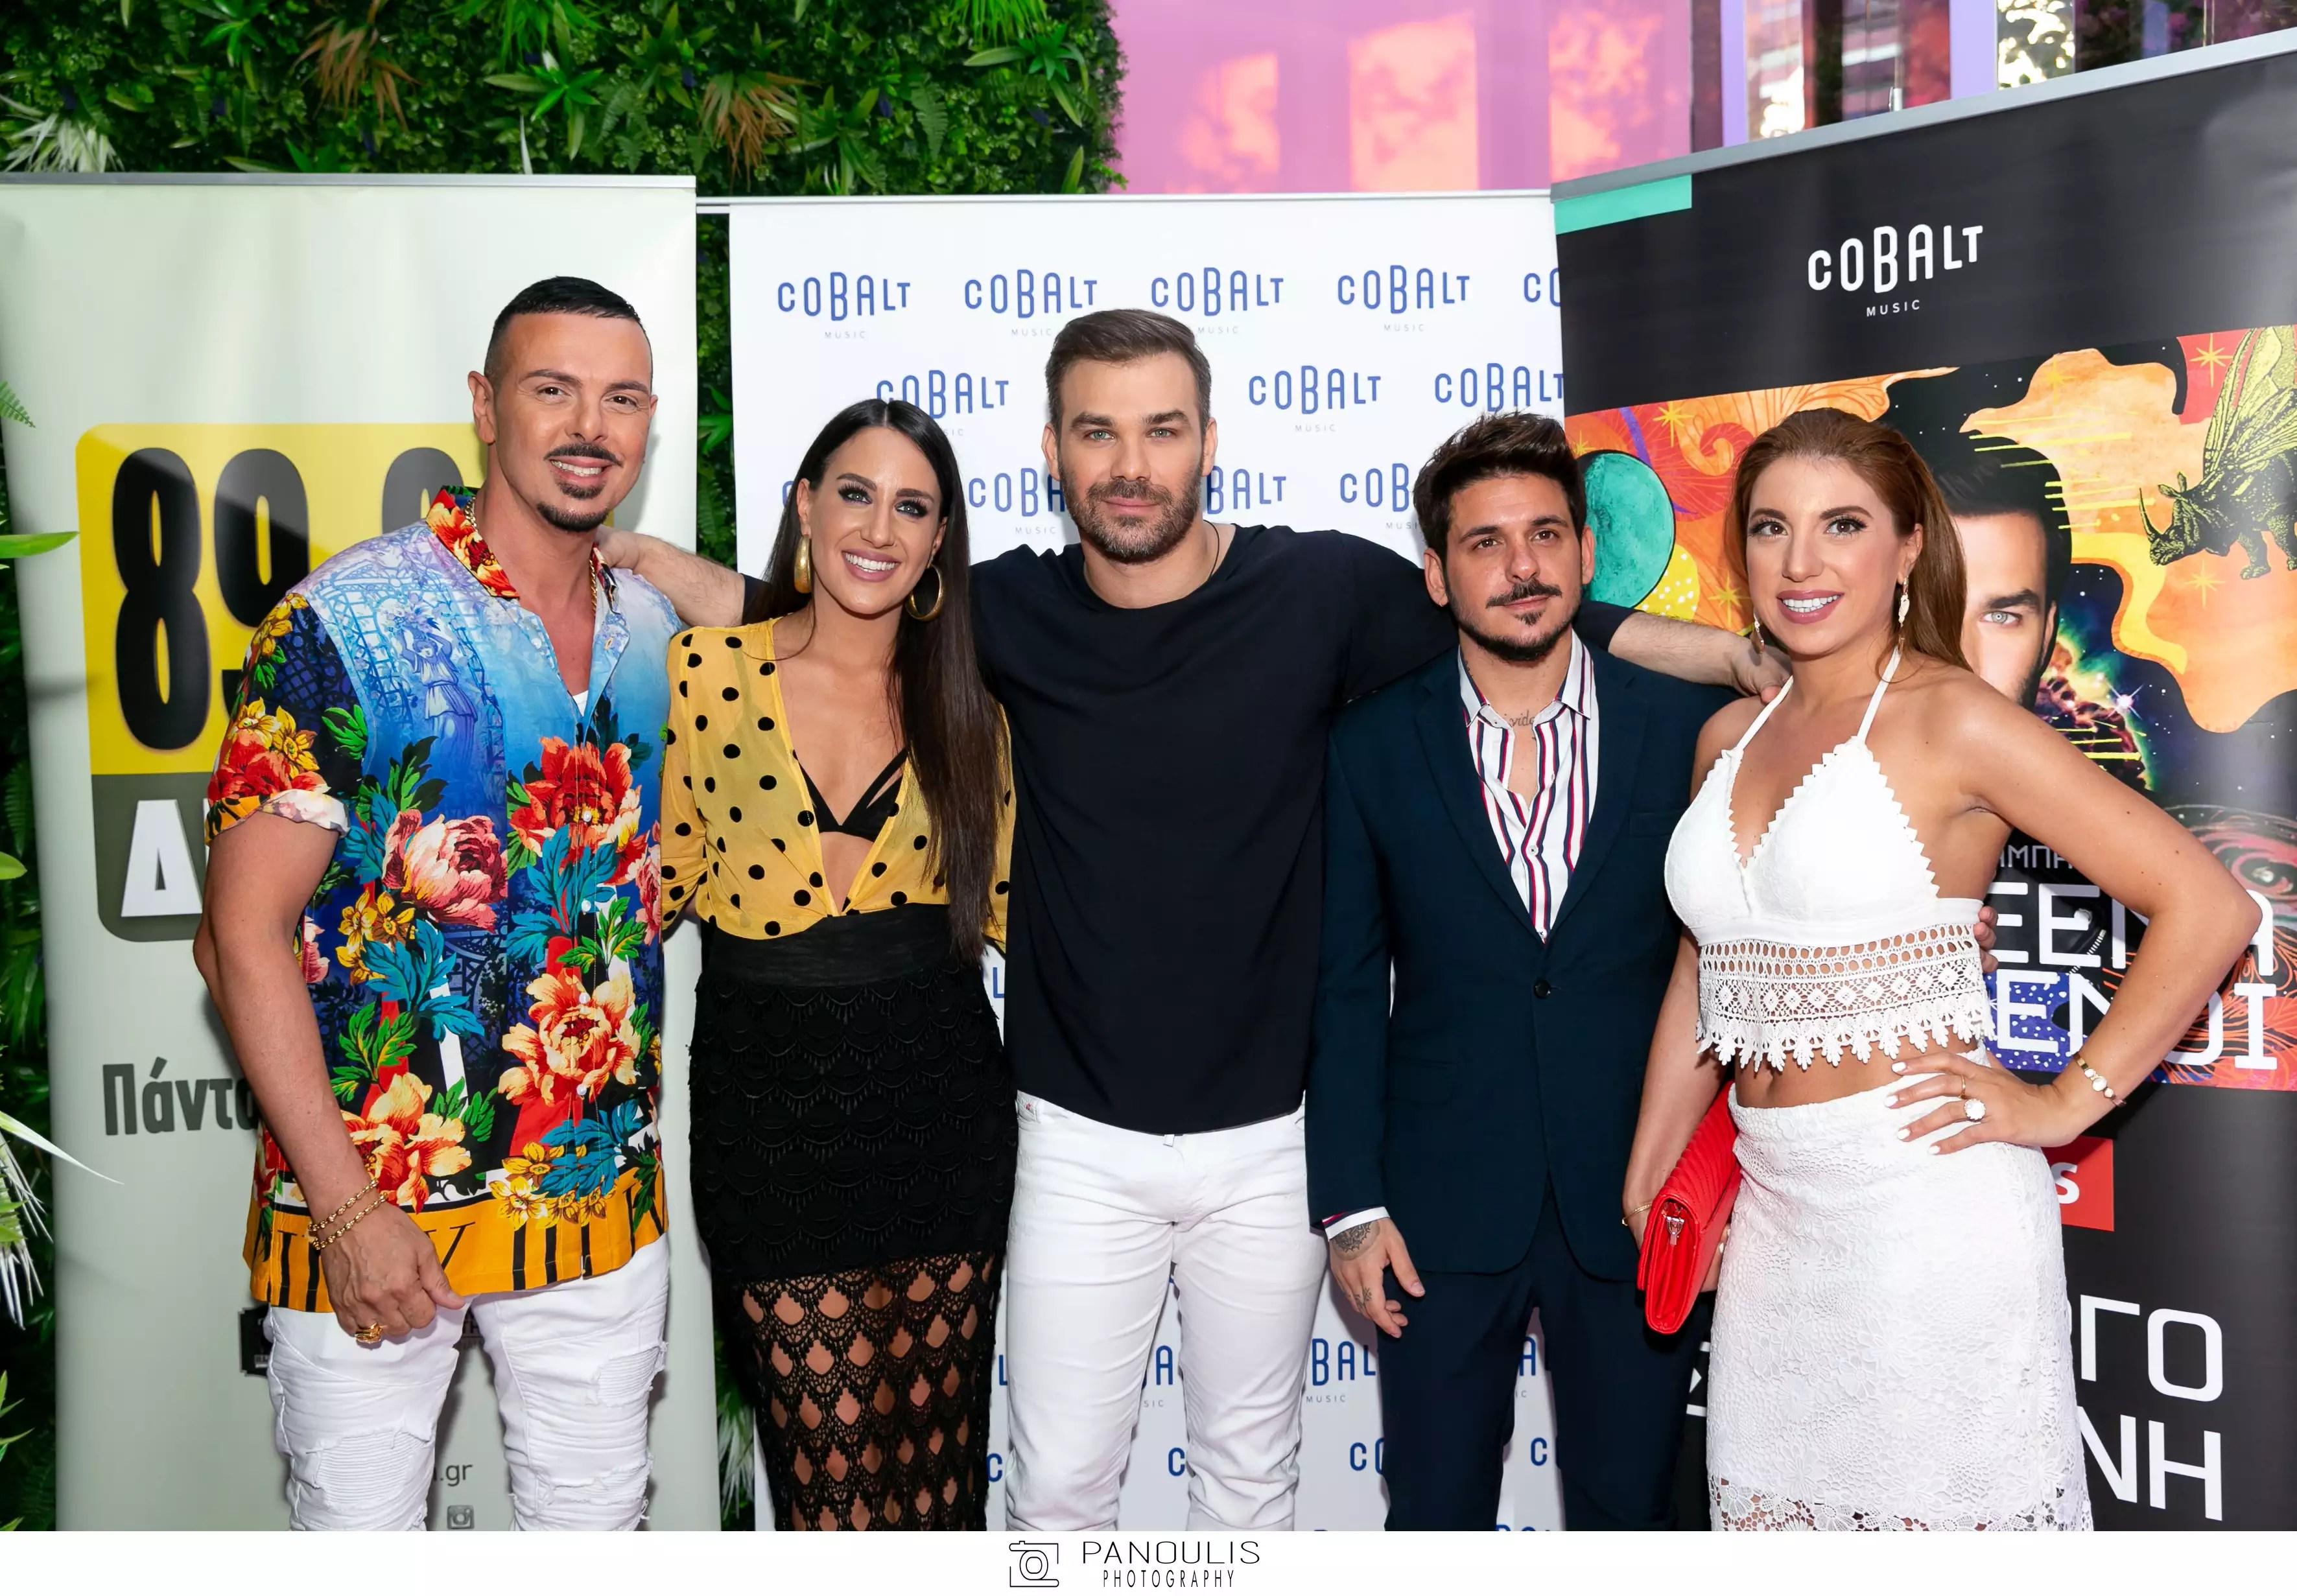 Γιώργος Σαμπάνης: Παρουσίασε το νέο του άλμπουμ έχοντας δίπλα του τους διάσημους φίλους του!